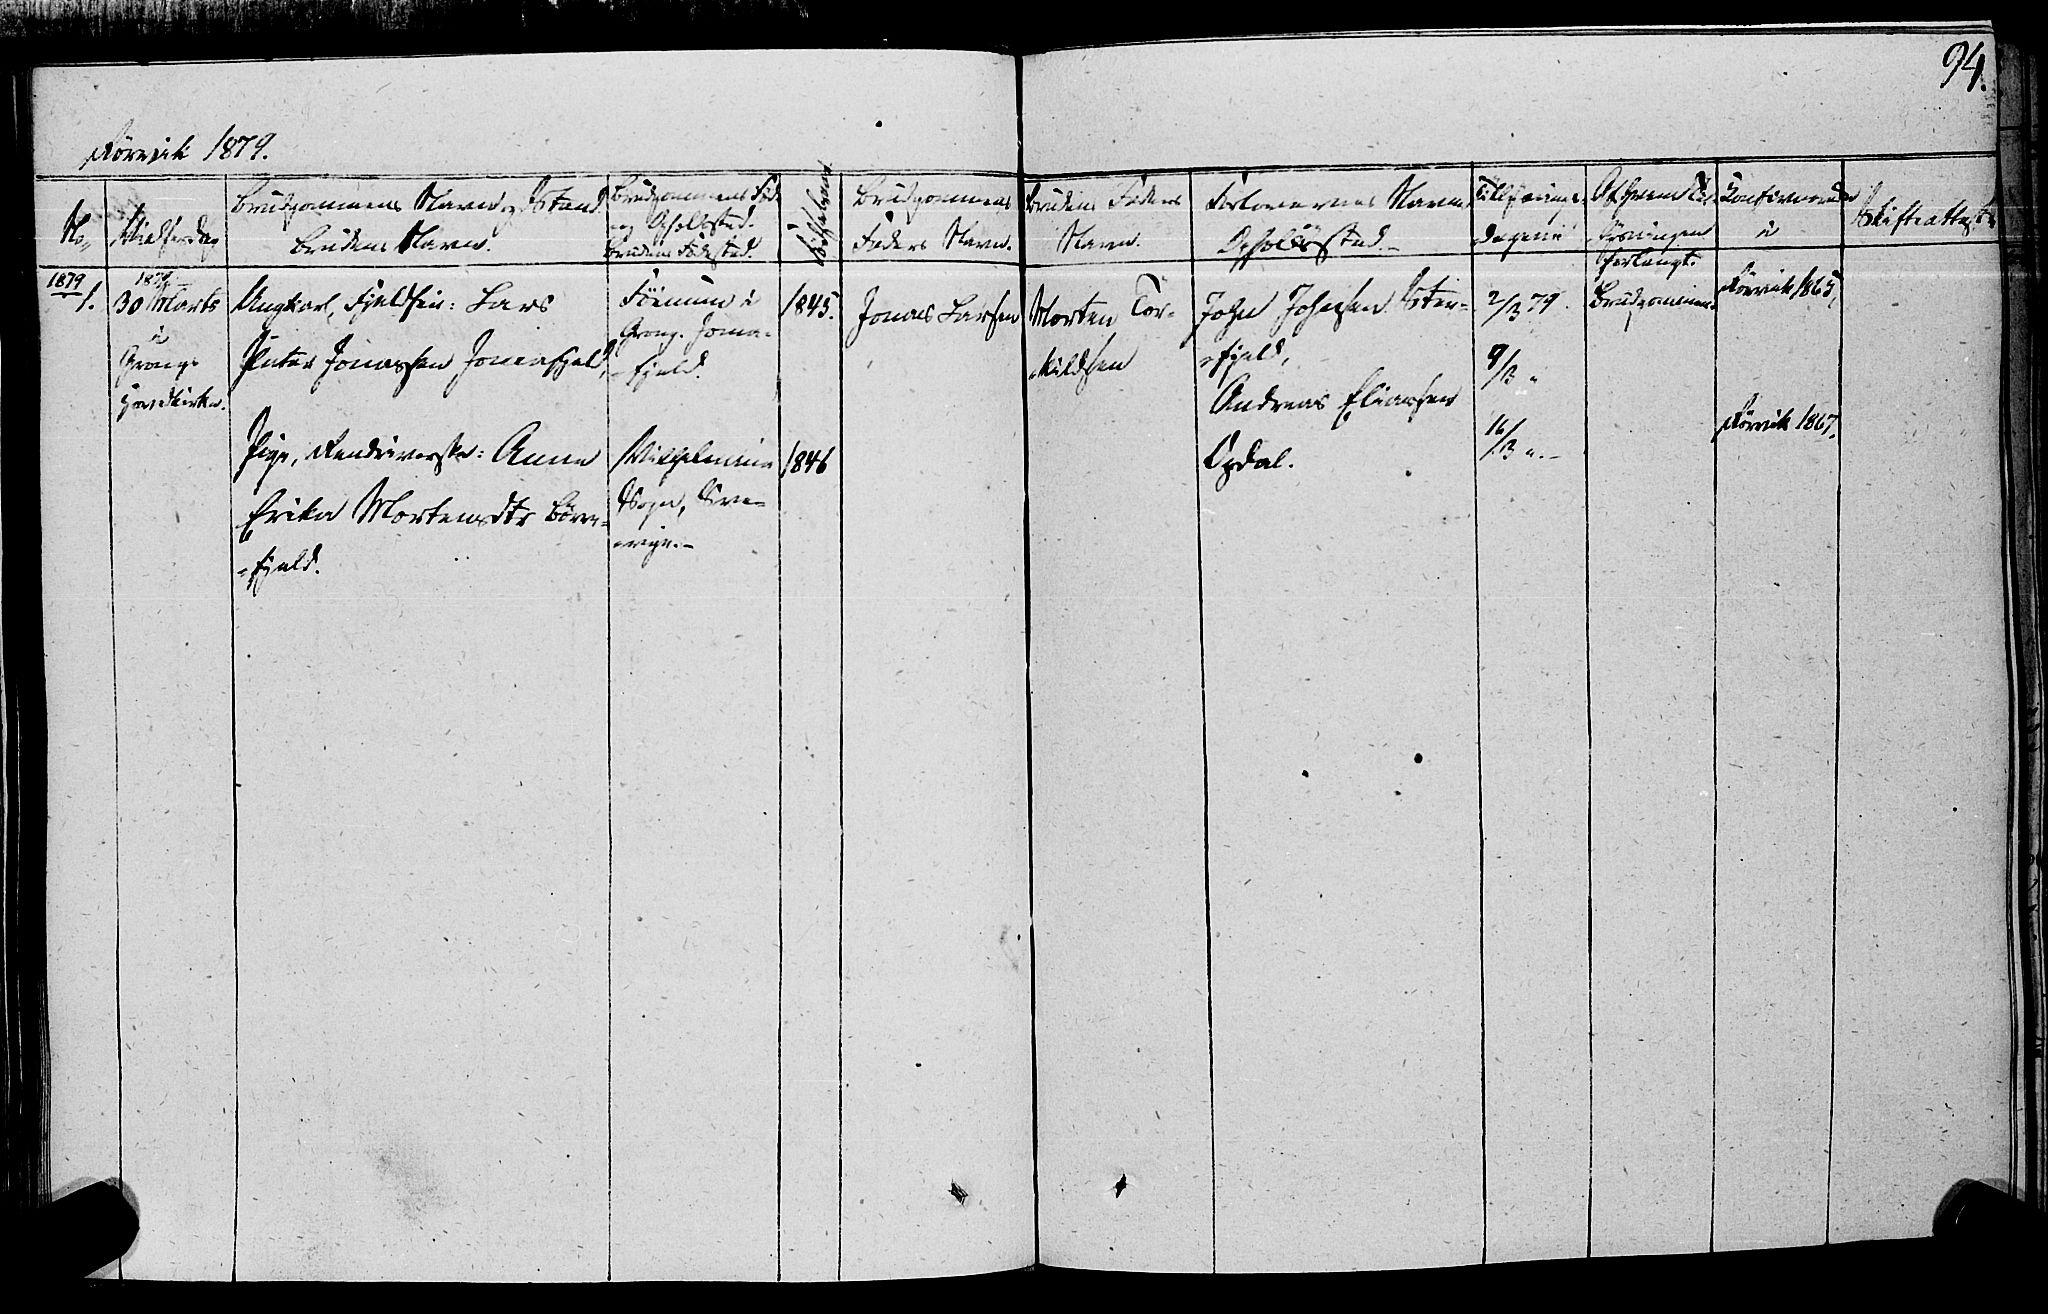 SAT, Ministerialprotokoller, klokkerbøker og fødselsregistre - Nord-Trøndelag, 762/L0538: Ministerialbok nr. 762A02 /1, 1833-1879, s. 94